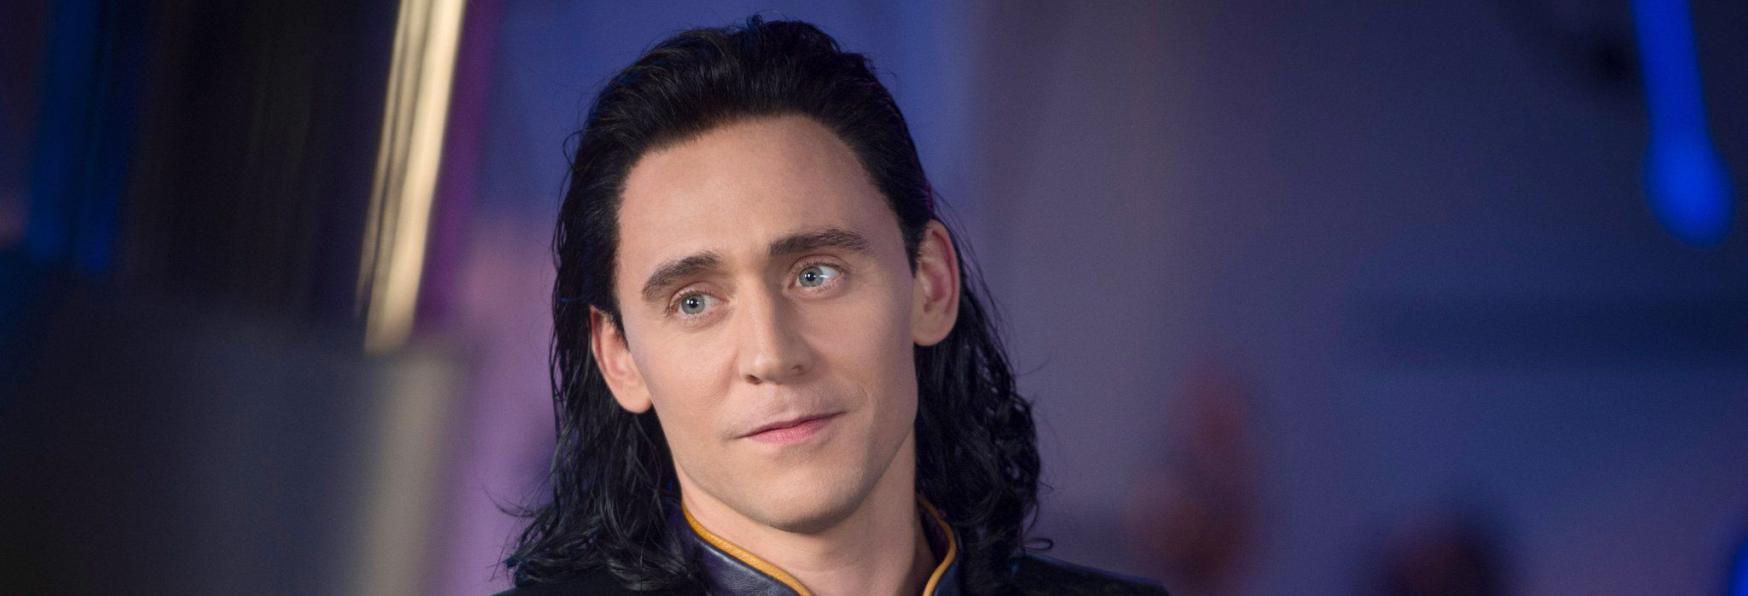 Loki: l'inedita Serie TV dei Marvel Studios si ispira a...I Teletubbies?!